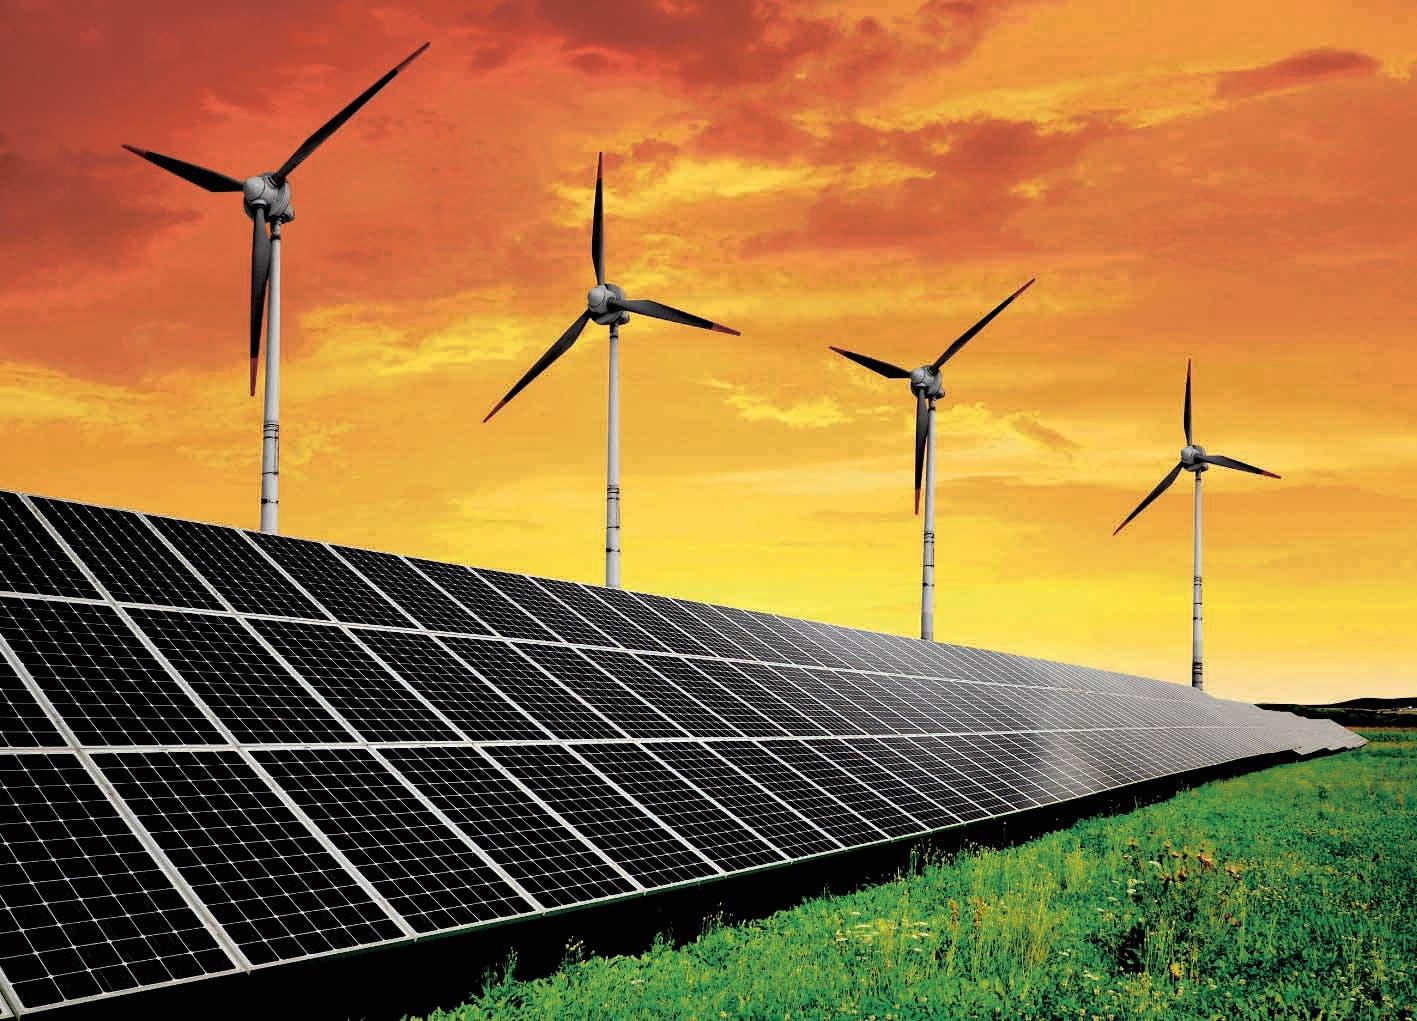 eocnomia. paneles solares. energia eolica, energia solar, energia del viento